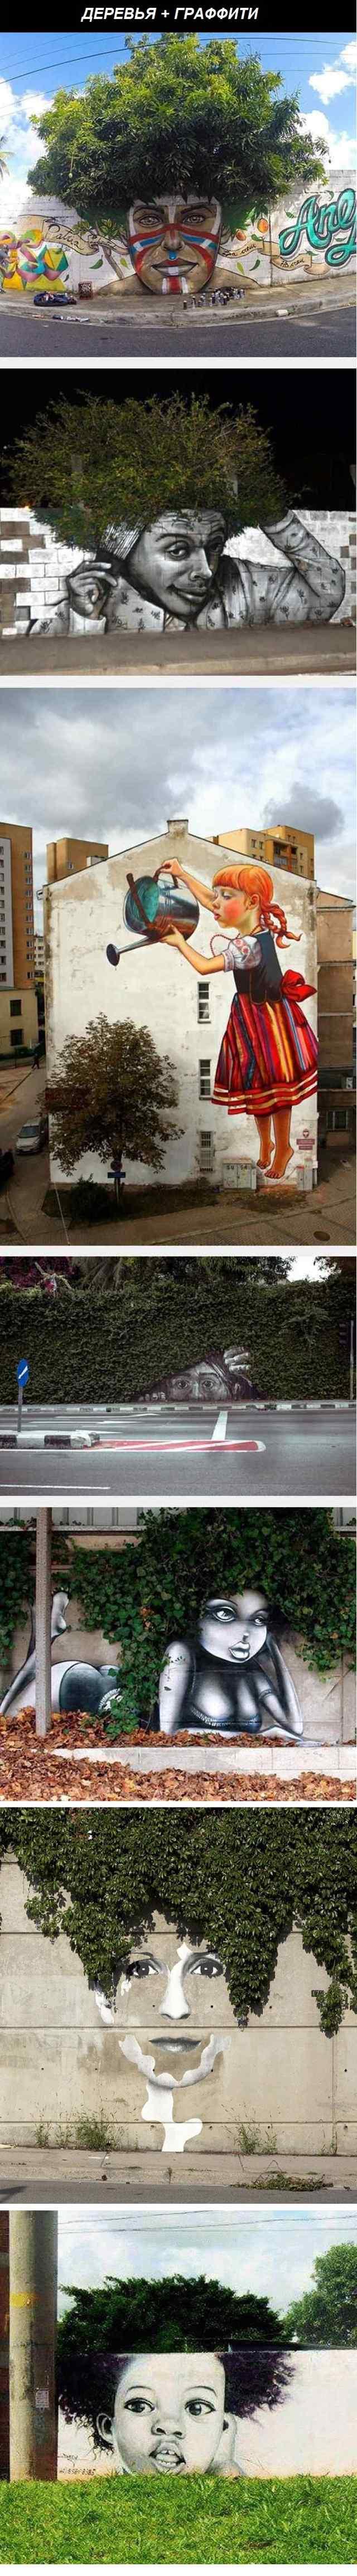 деревья и граффити